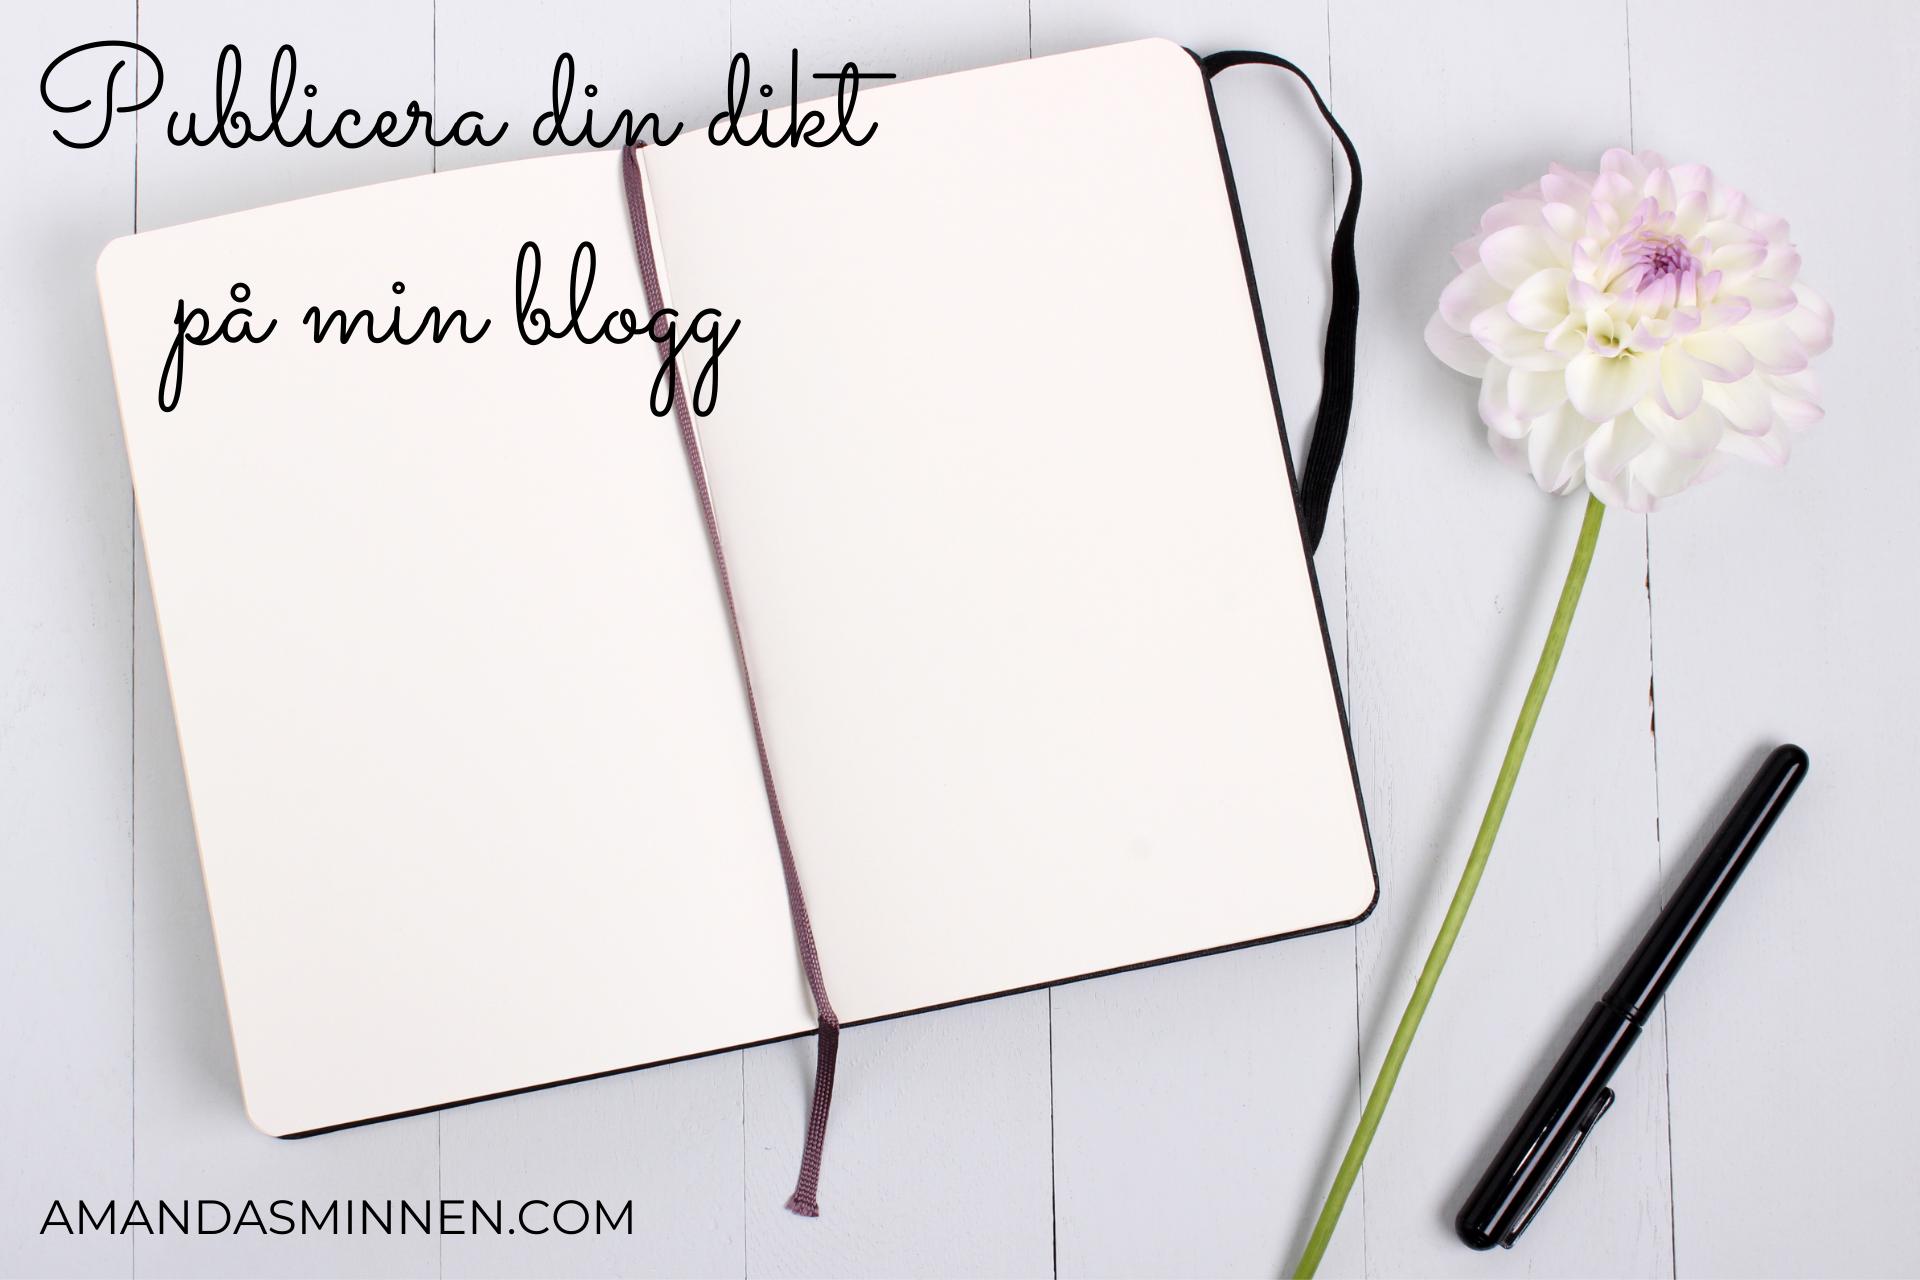 Publicera din dikt på min blogg (1)